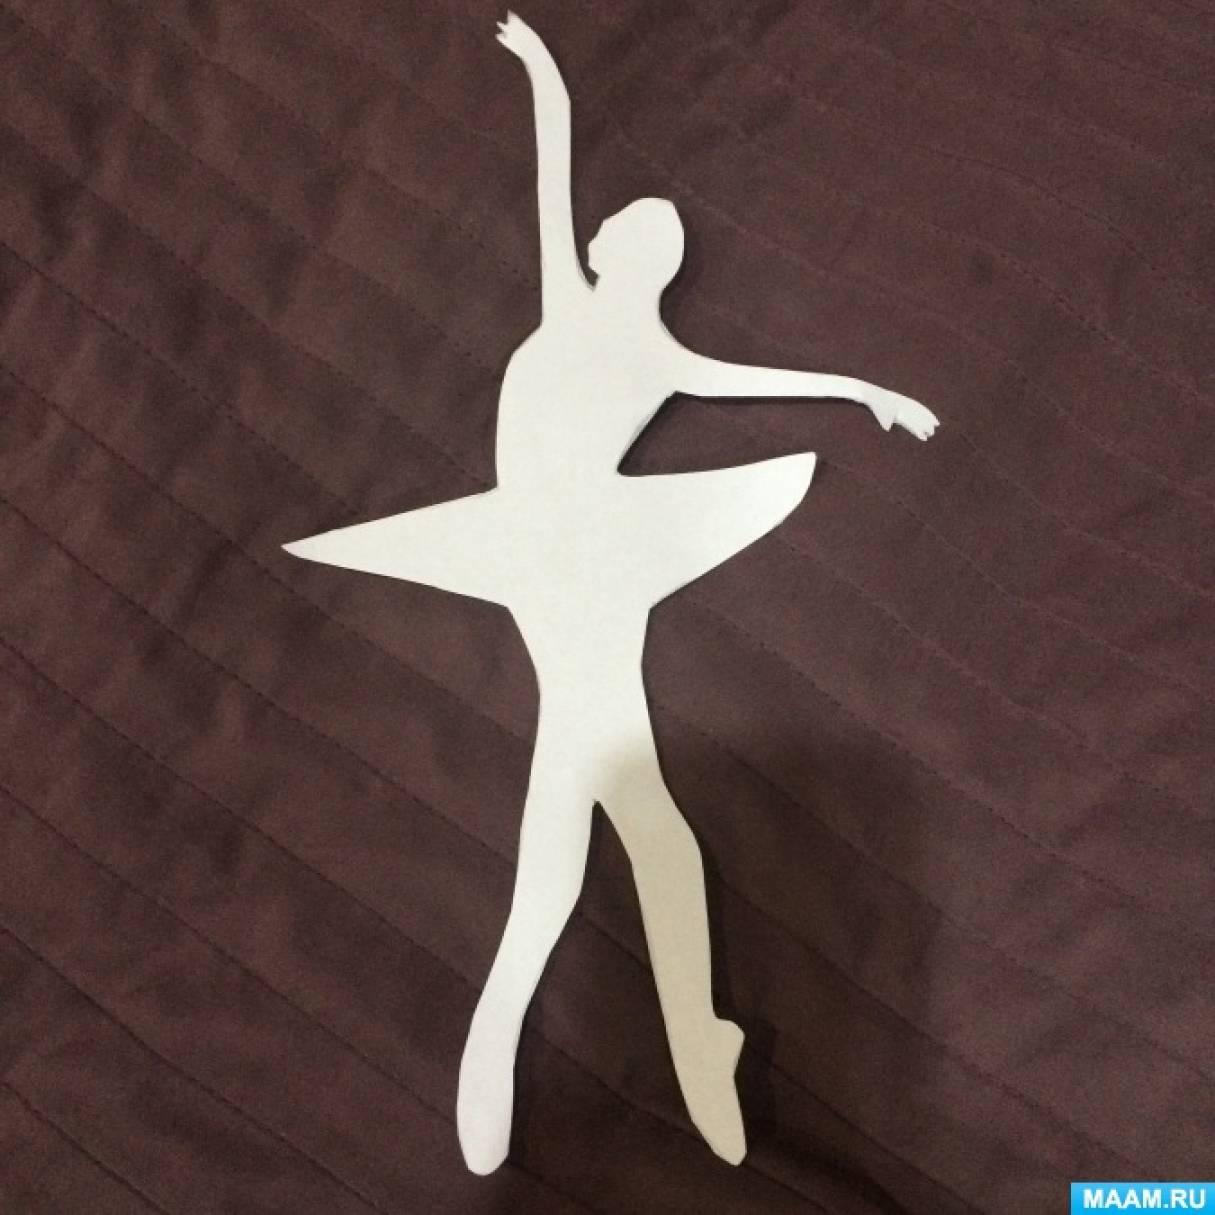 Мастер-класс по изготовлению поделки из бумаги «Снежинка-балеринка»